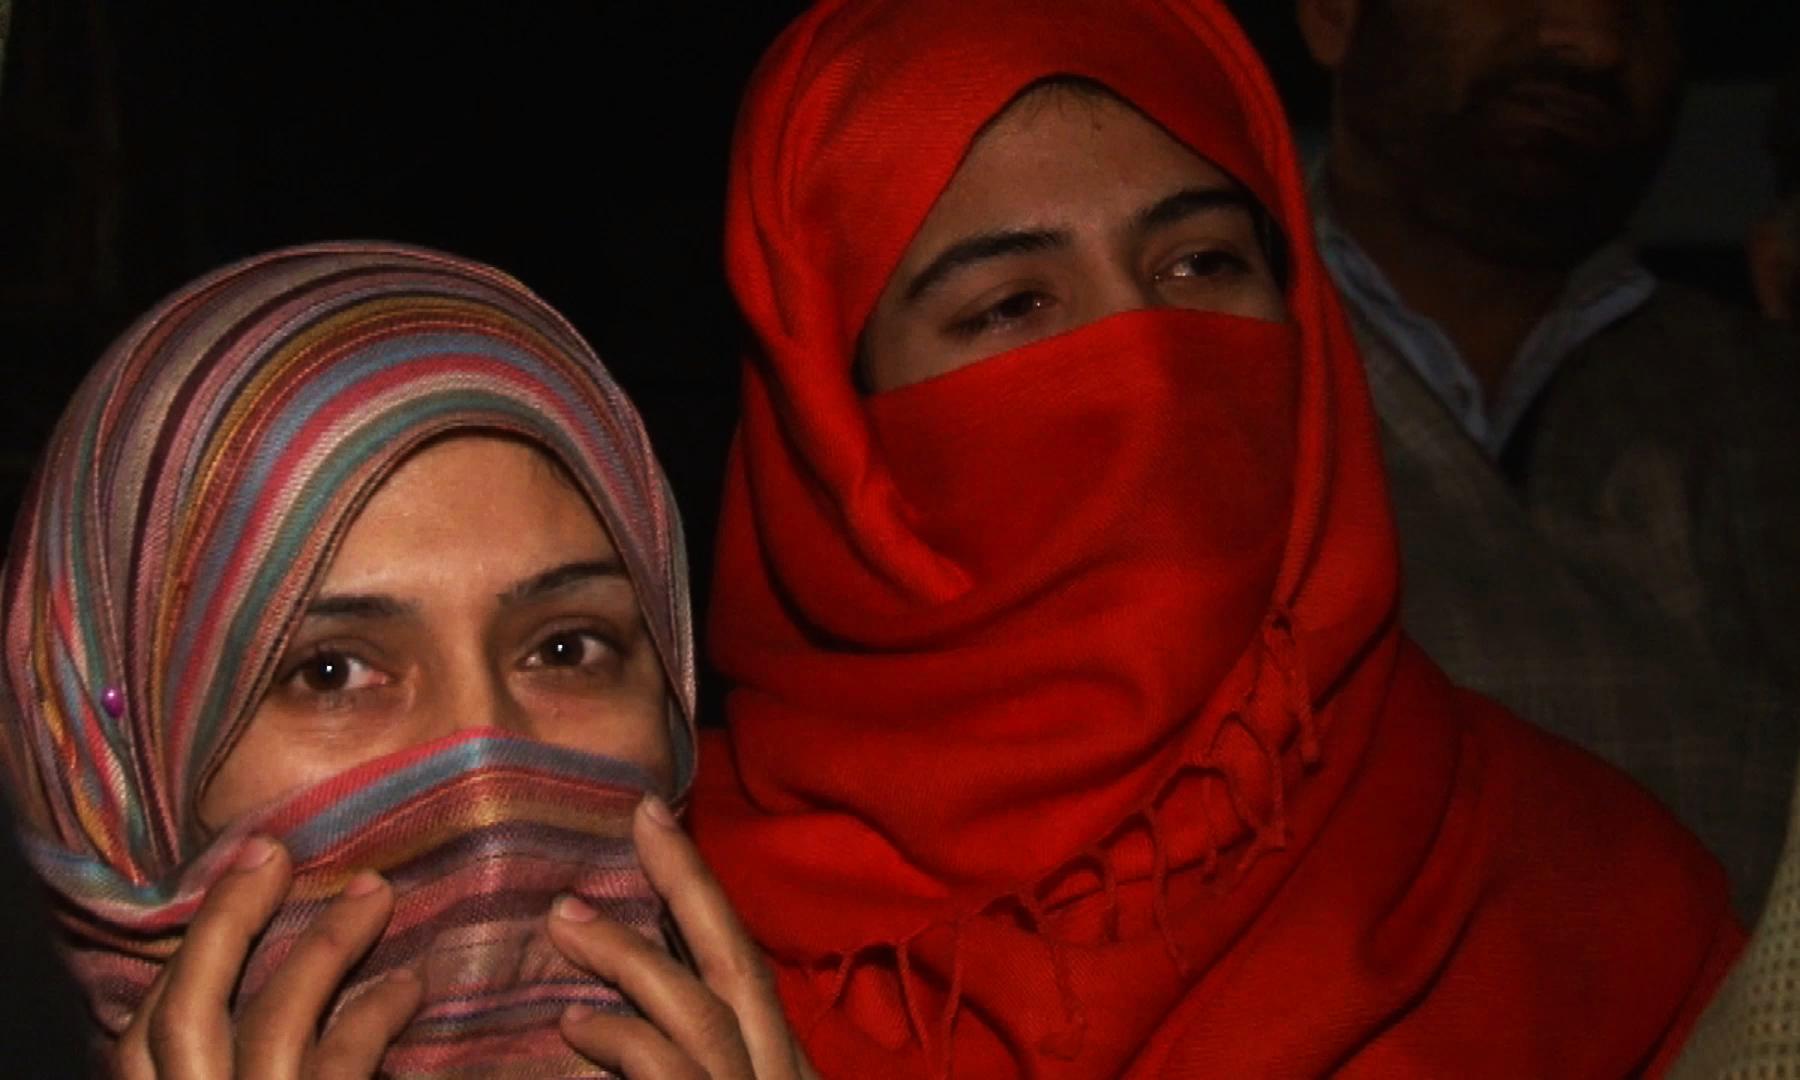 محمد اشرف کی بیٹیاں — تصویر نوید نسیم